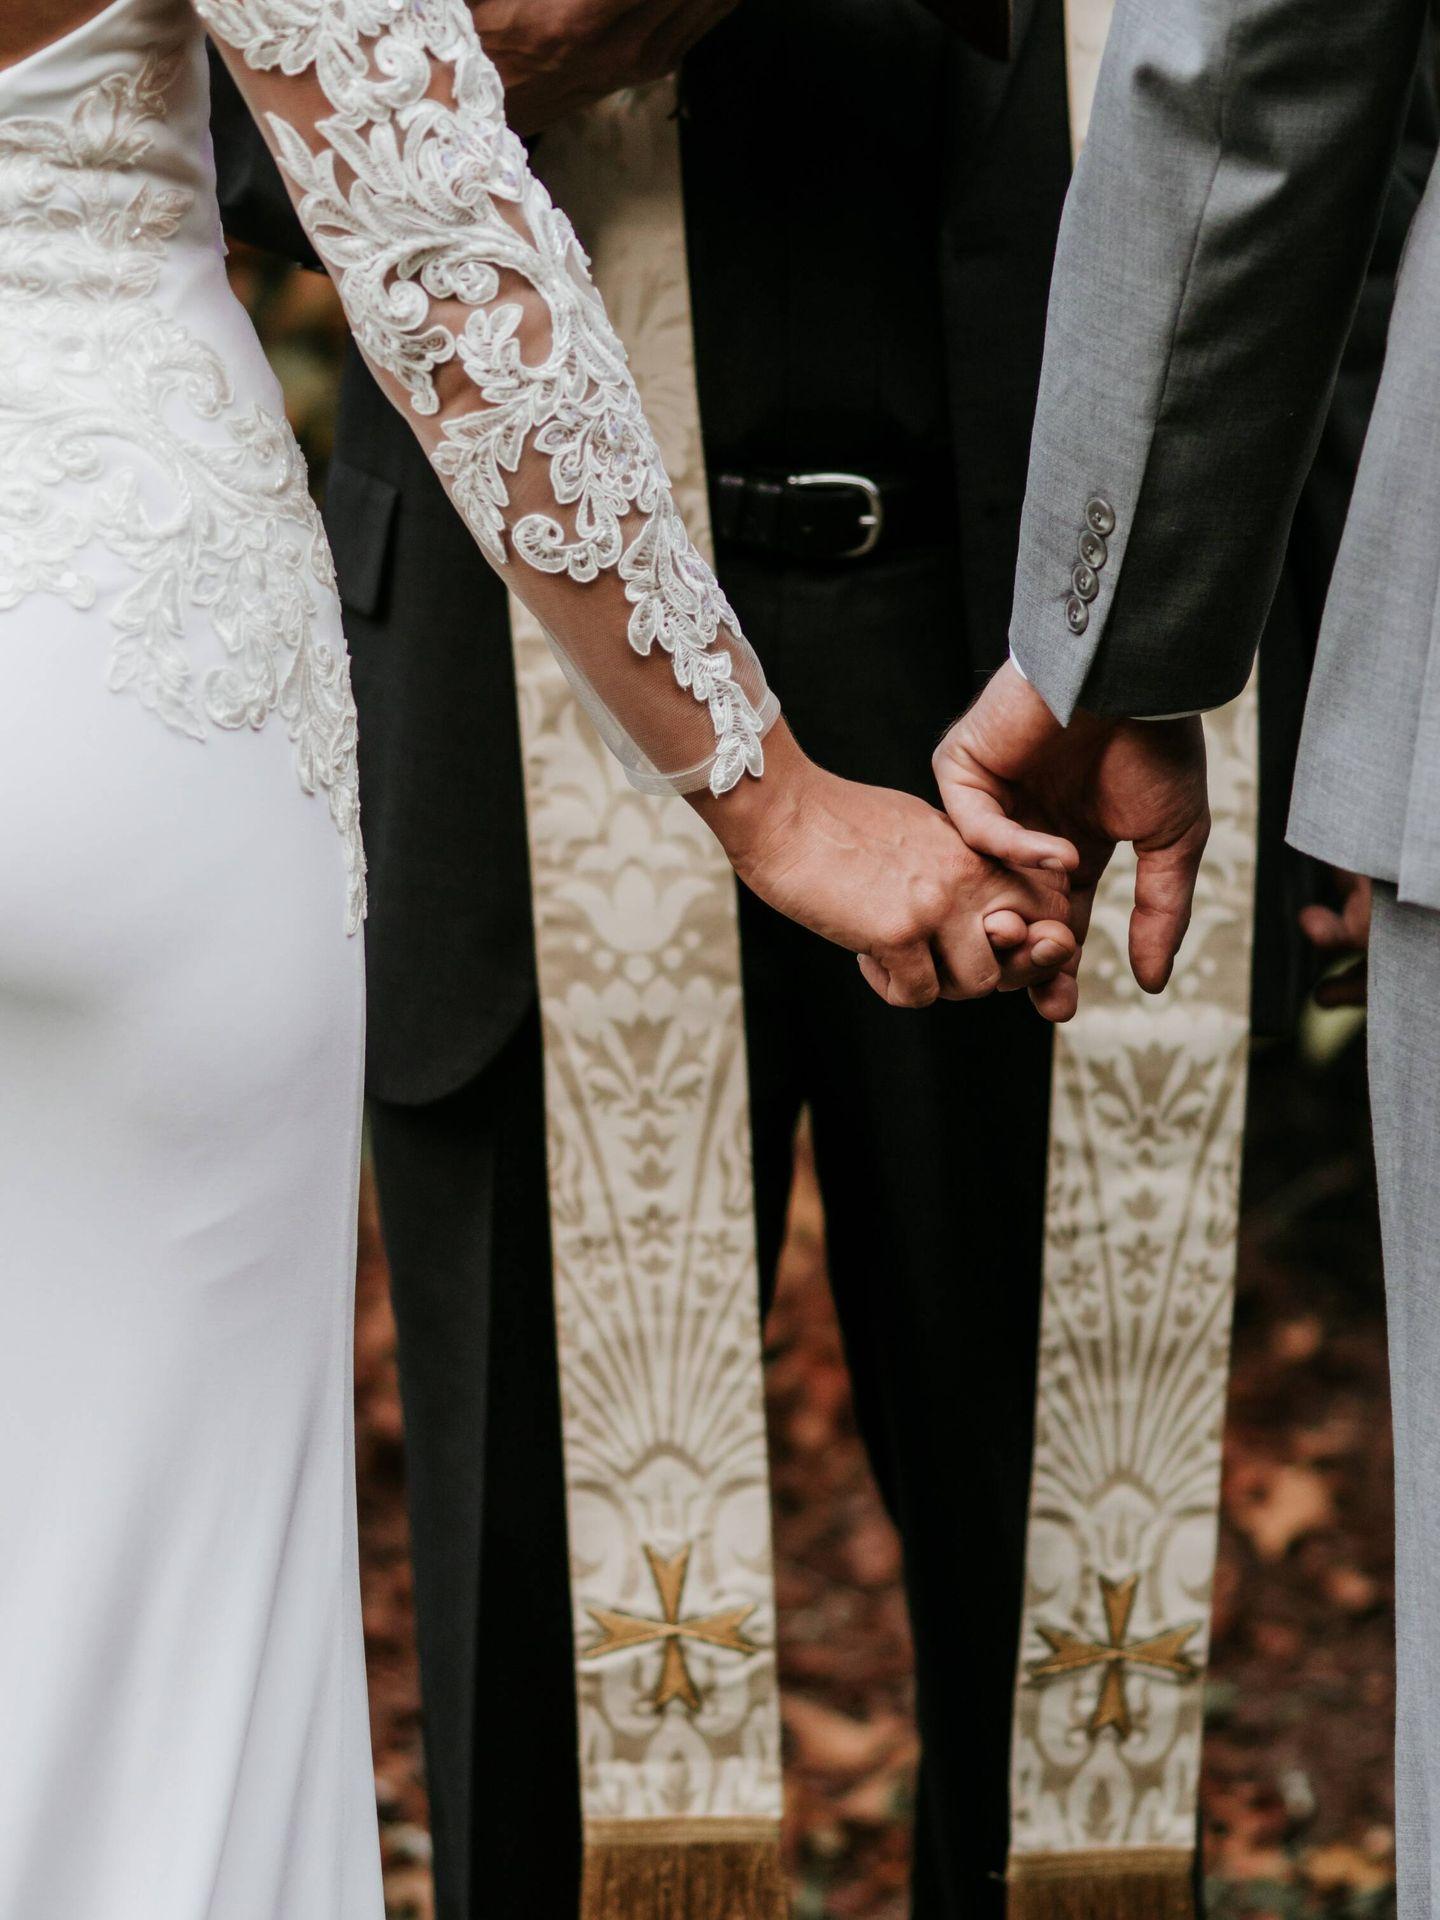 Diferencias entre las bodas millennial y las zoomer. (Zelle Duda para Unsplash)